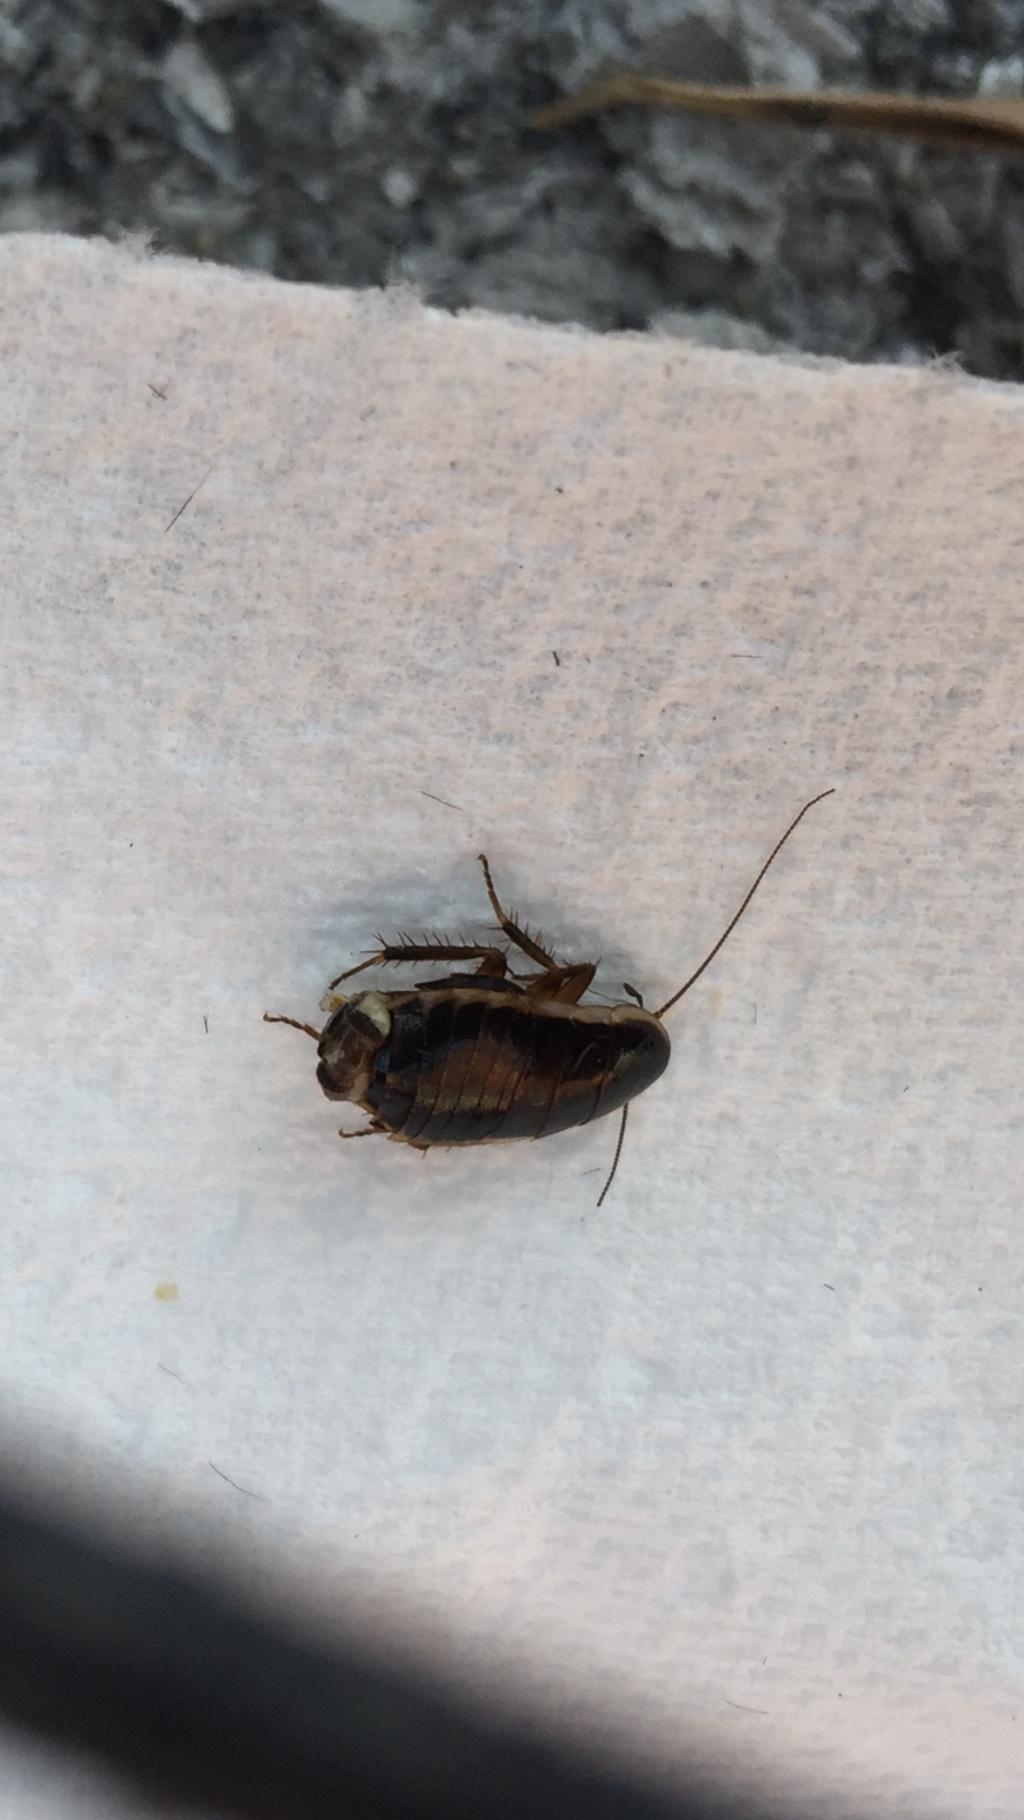 De quel insecte s'agit-il? 35e61f10